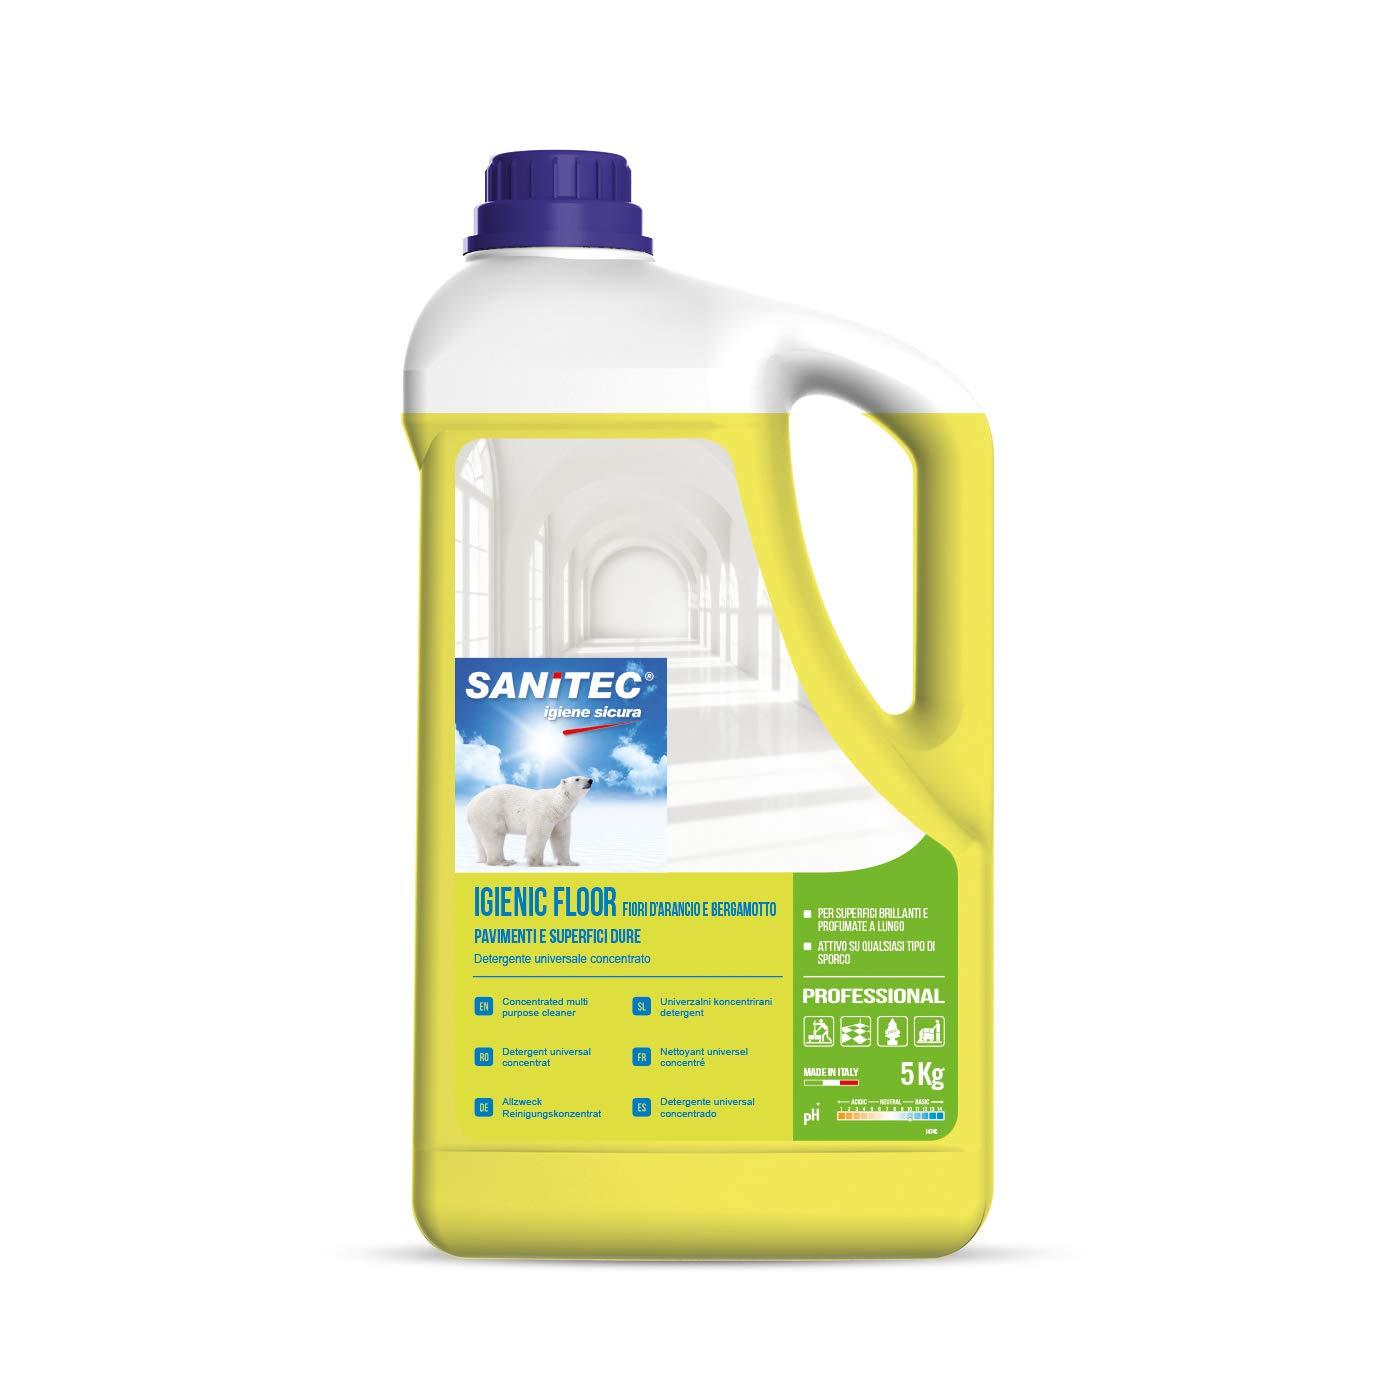 Sanitec Igienic Floor